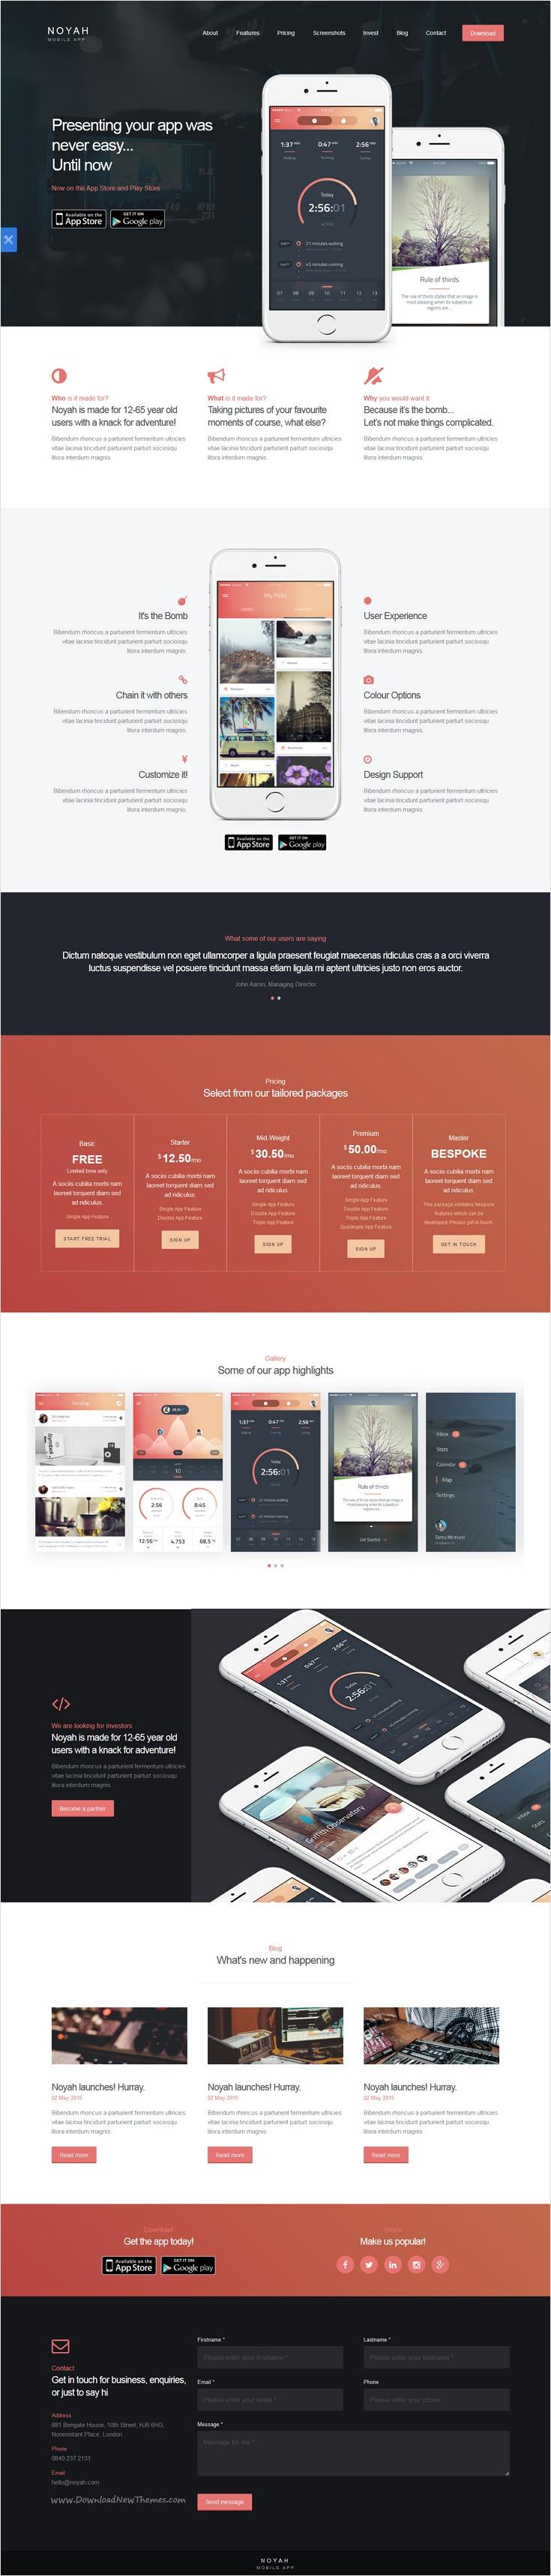 Noyah - App Landing Page